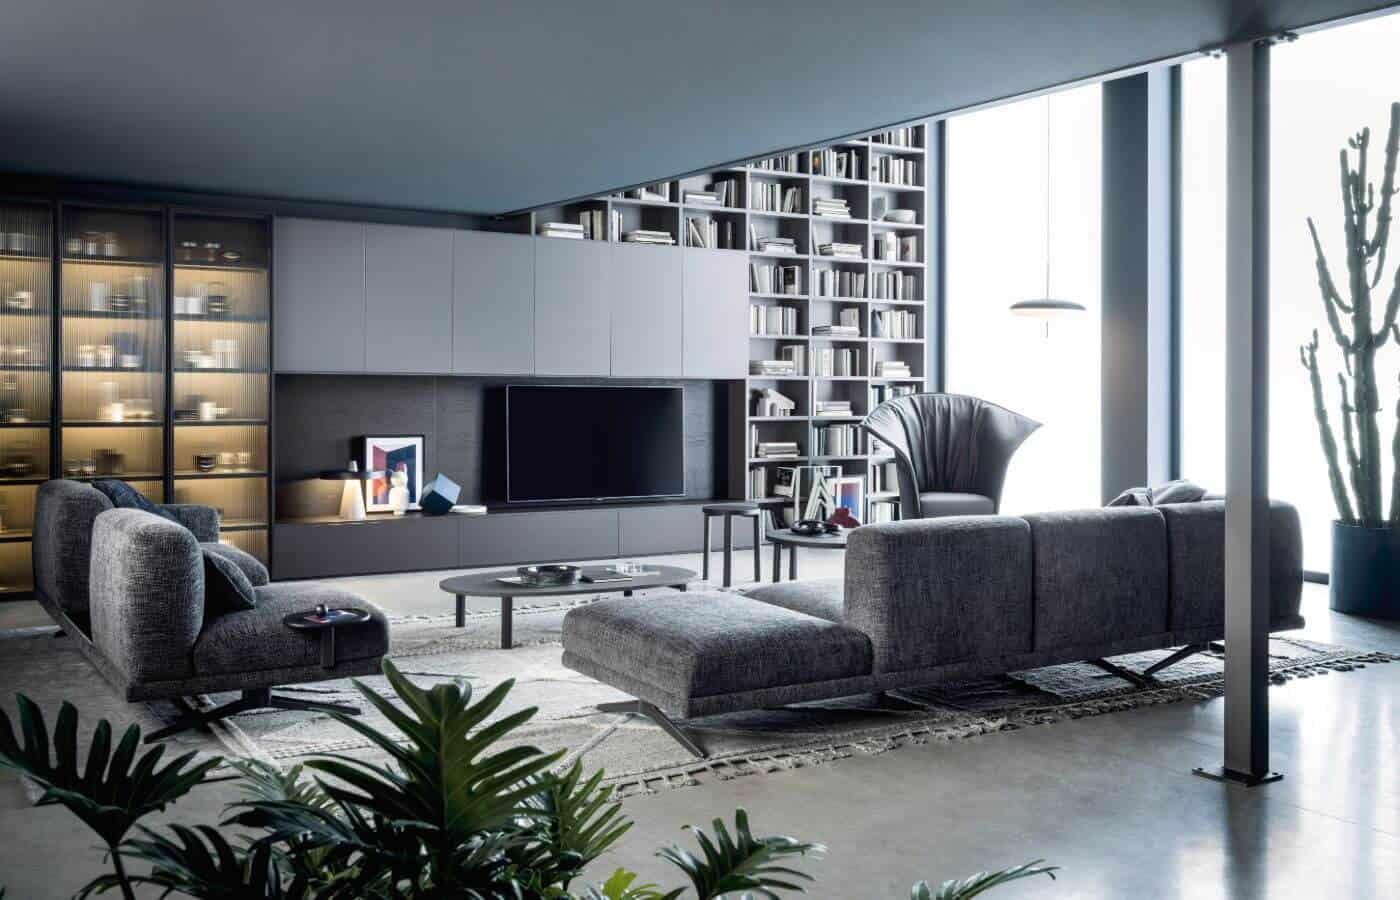 libreria-collezione-spazio-il-mobile (1)